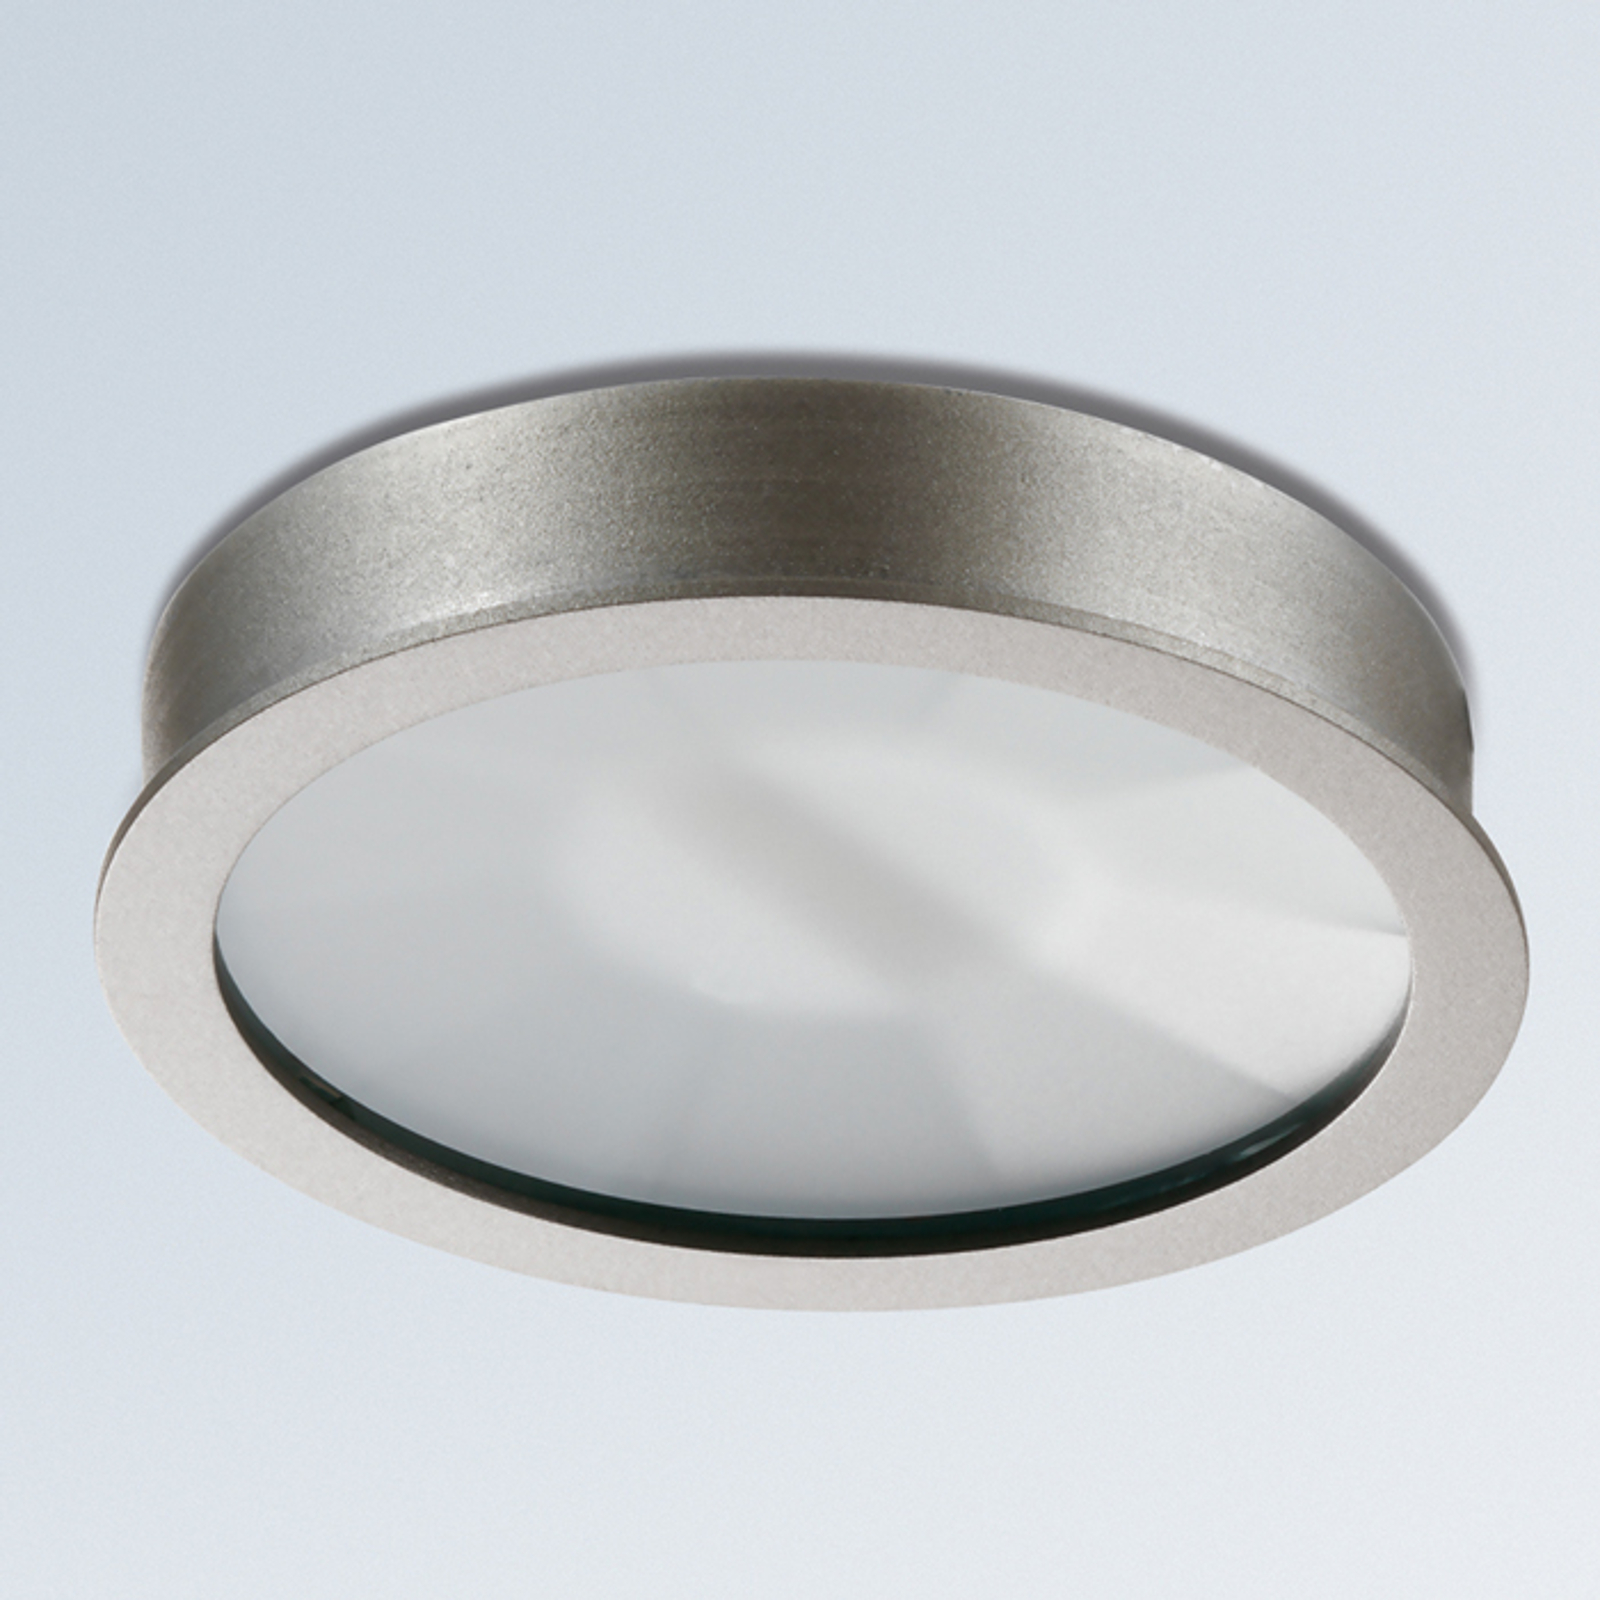 LED podhledové svítidlo Cubic 68 2 700 K, 4,2 W